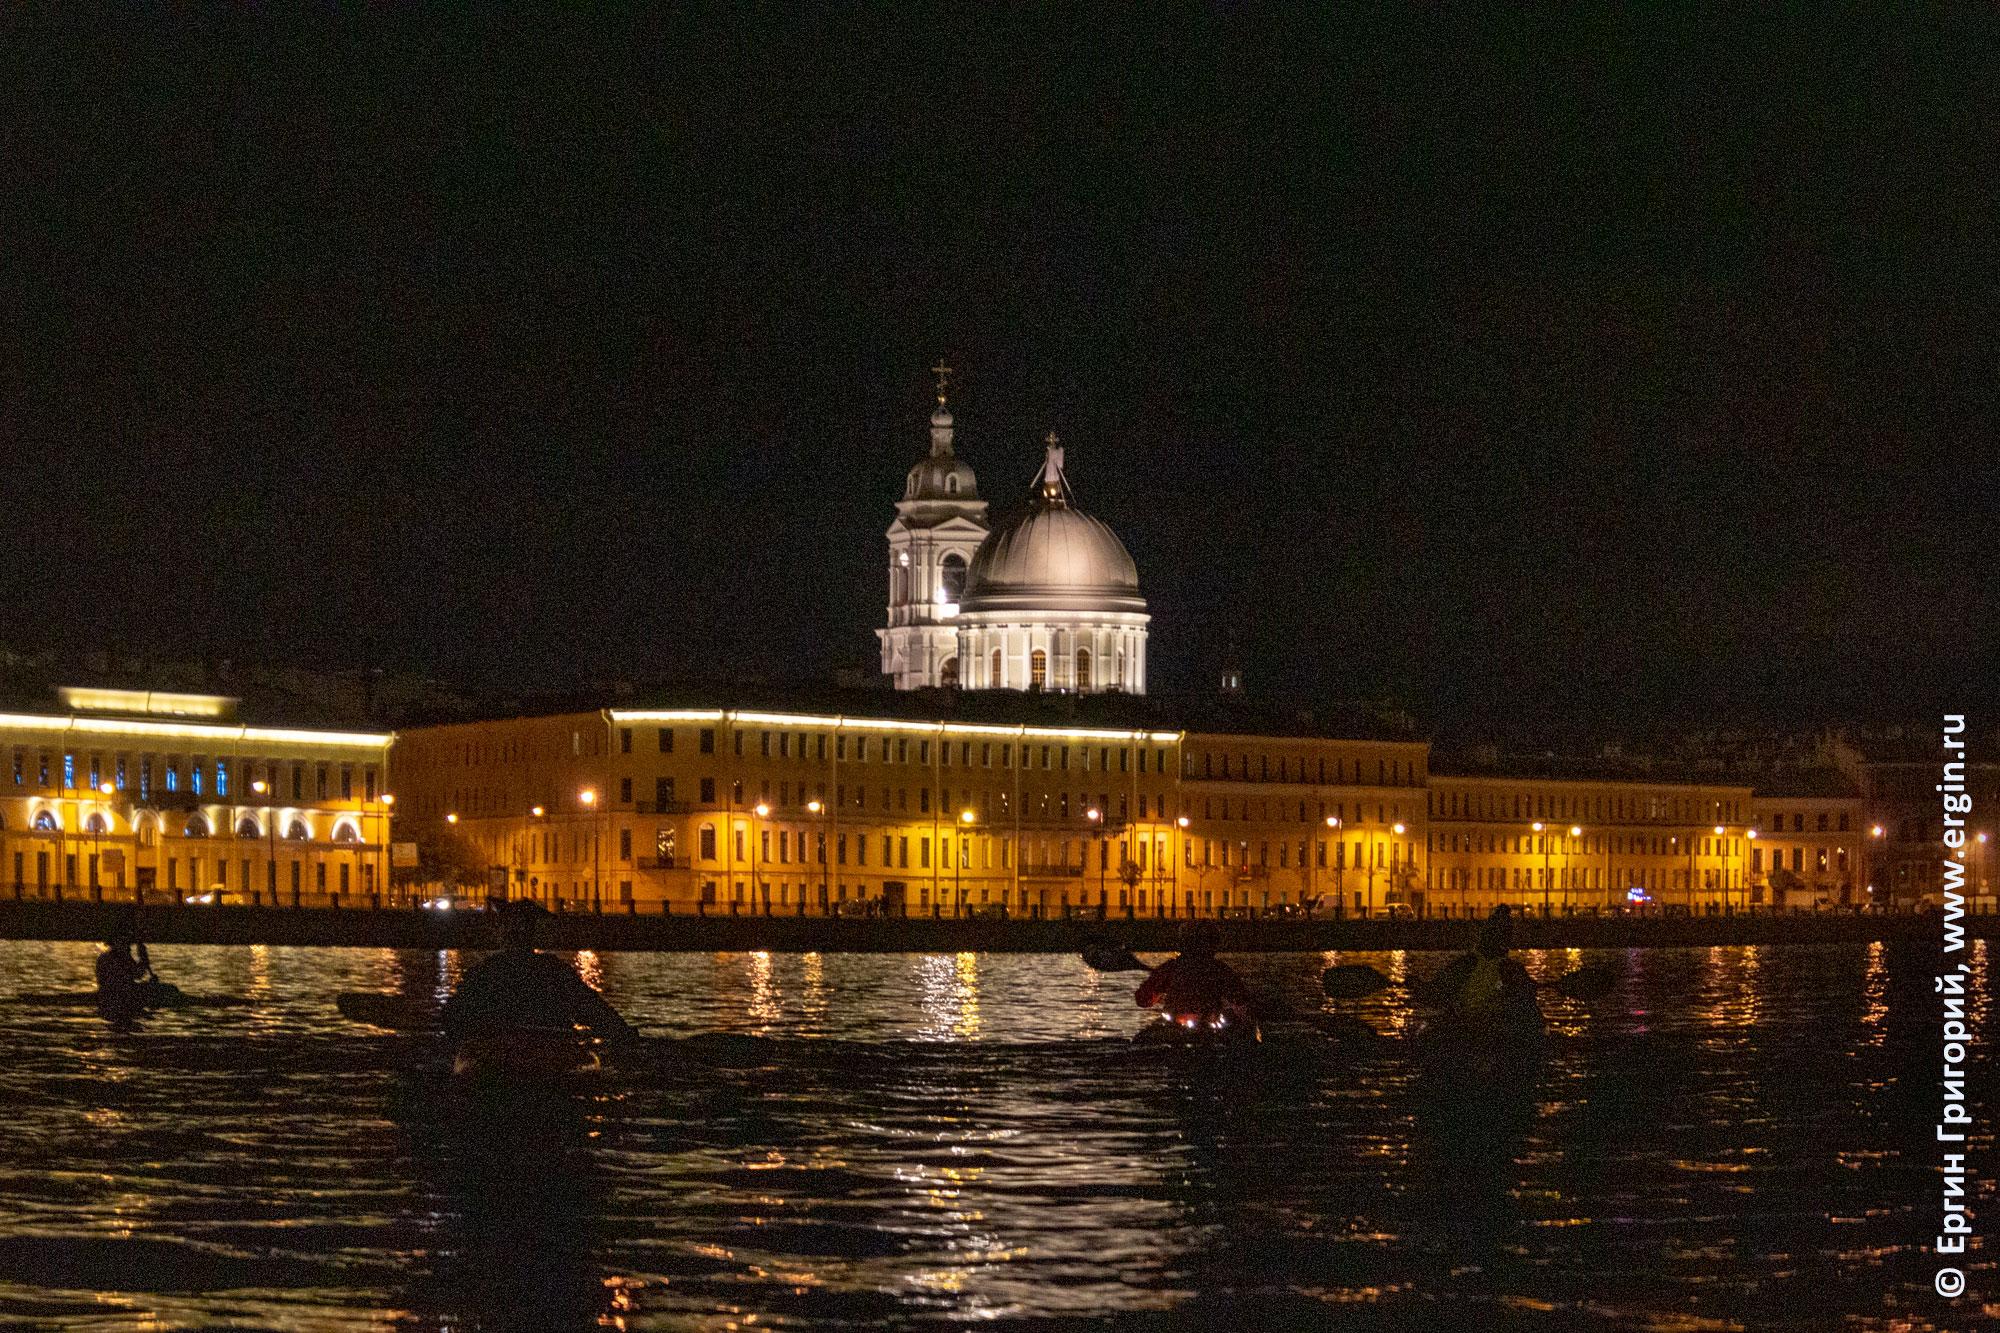 Каякеры идут ночью по Неве мимо церкви святой Екатерины